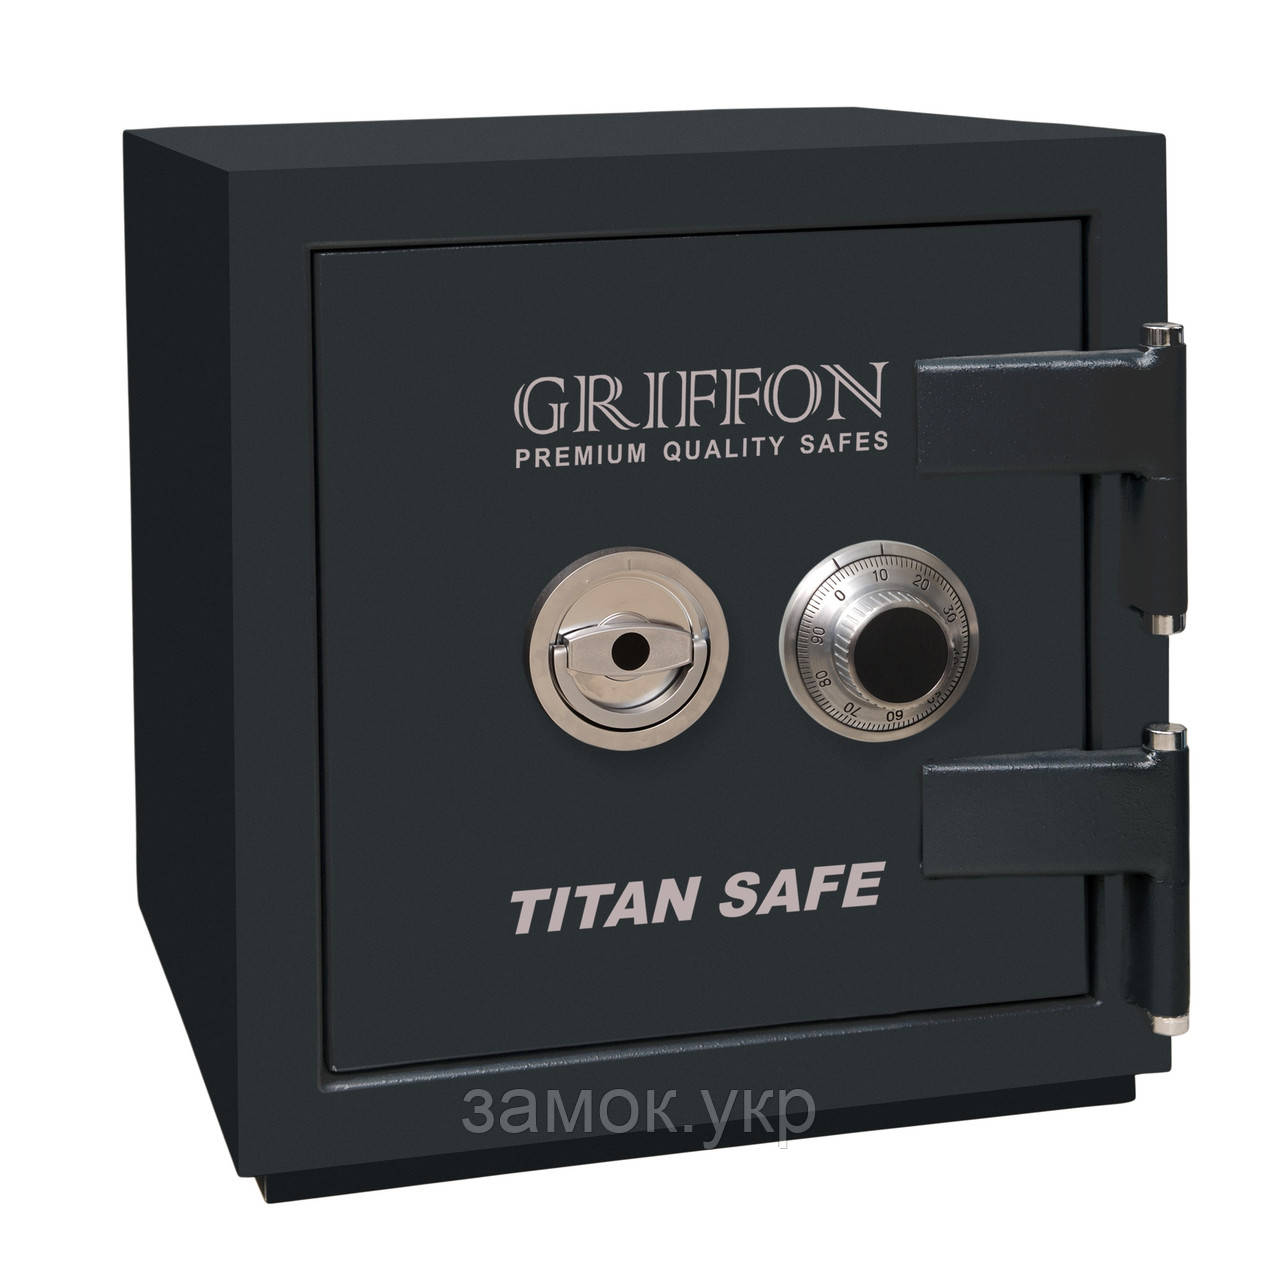 Огневзломостойкий сейф GRIFFON CL.II.50.C (Украина)